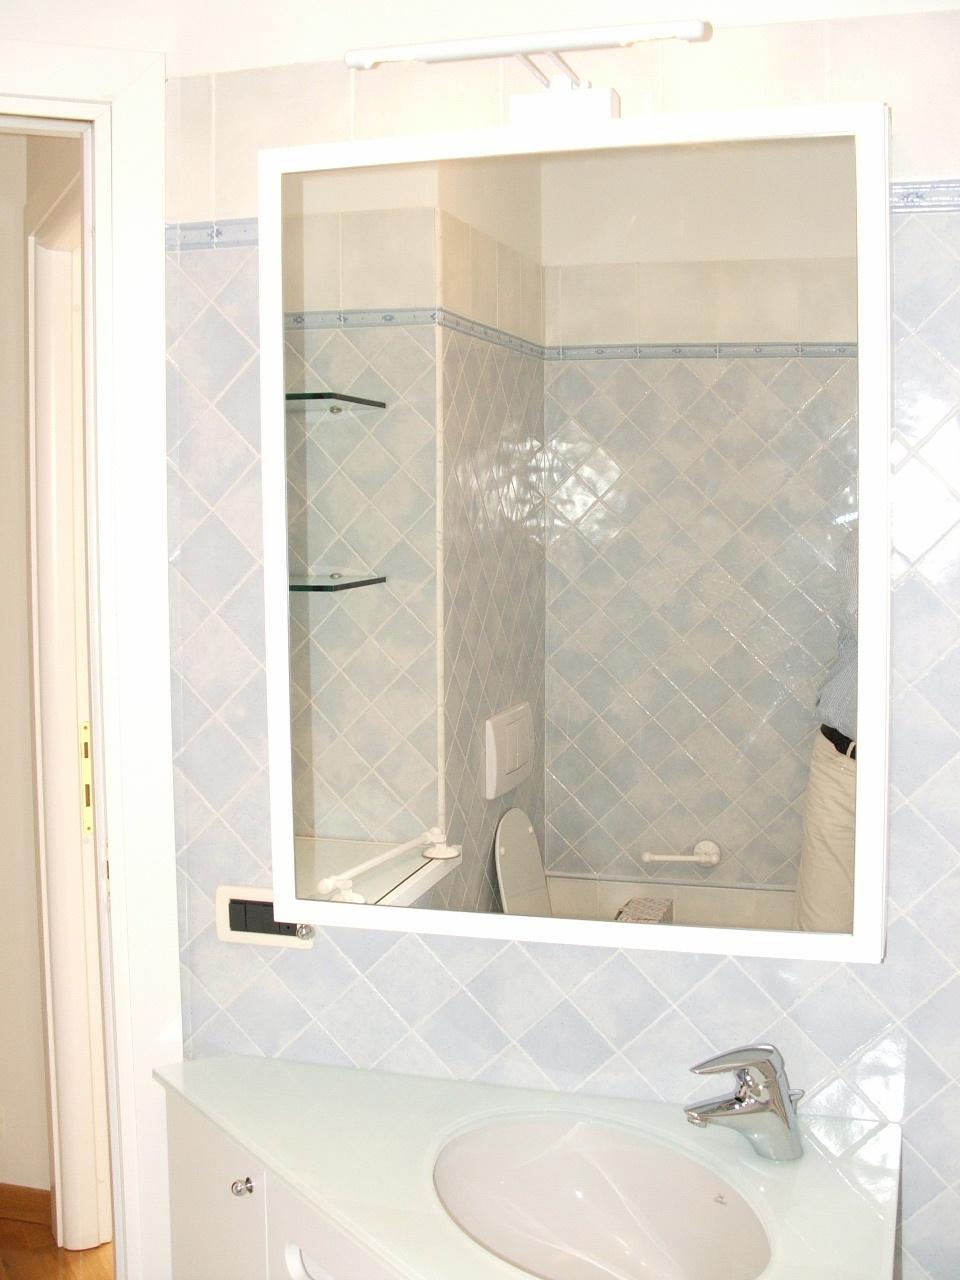 bagno:specchio